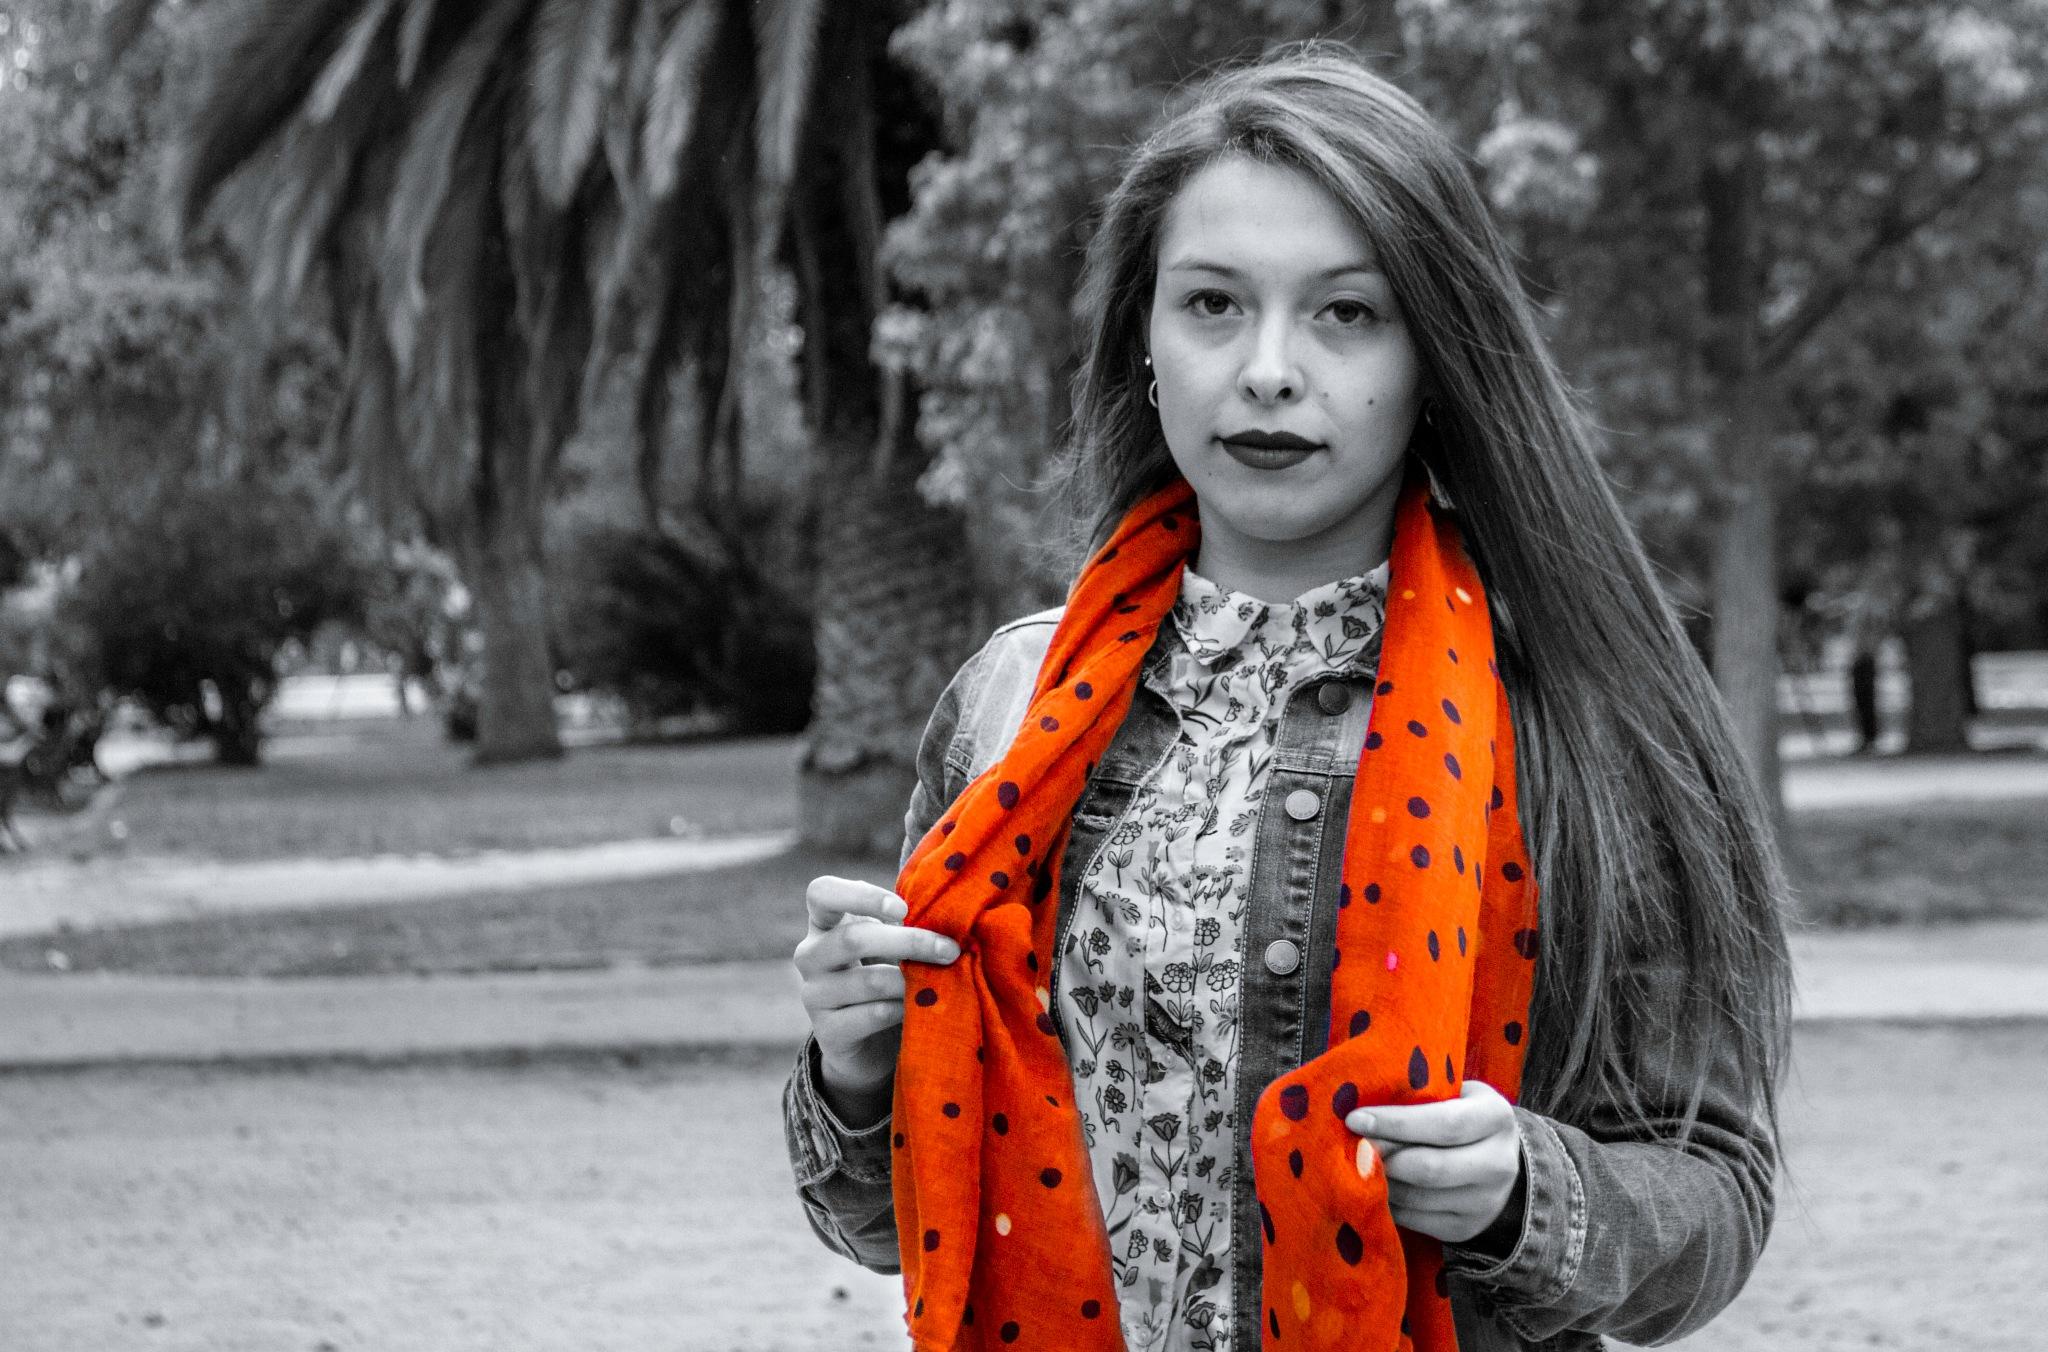 La modelo y su bufanda by nicolasprovoste